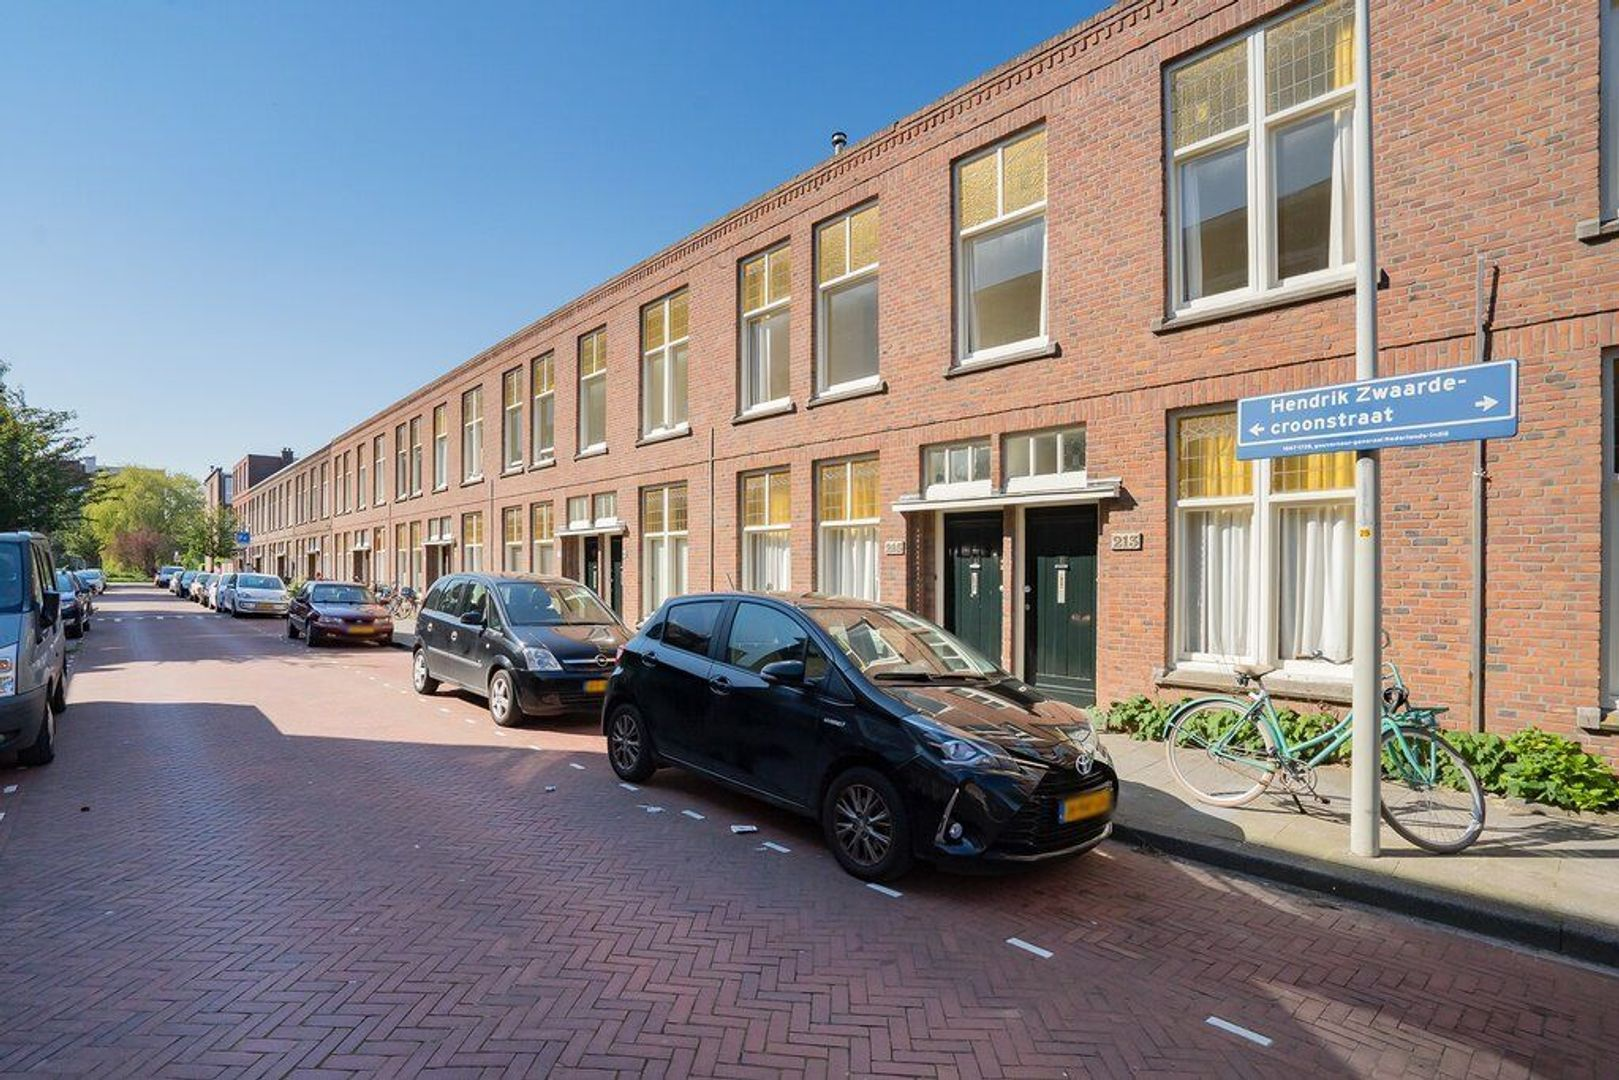 Hendrik Zwaardecroonstraat 213, Den Haag foto-20